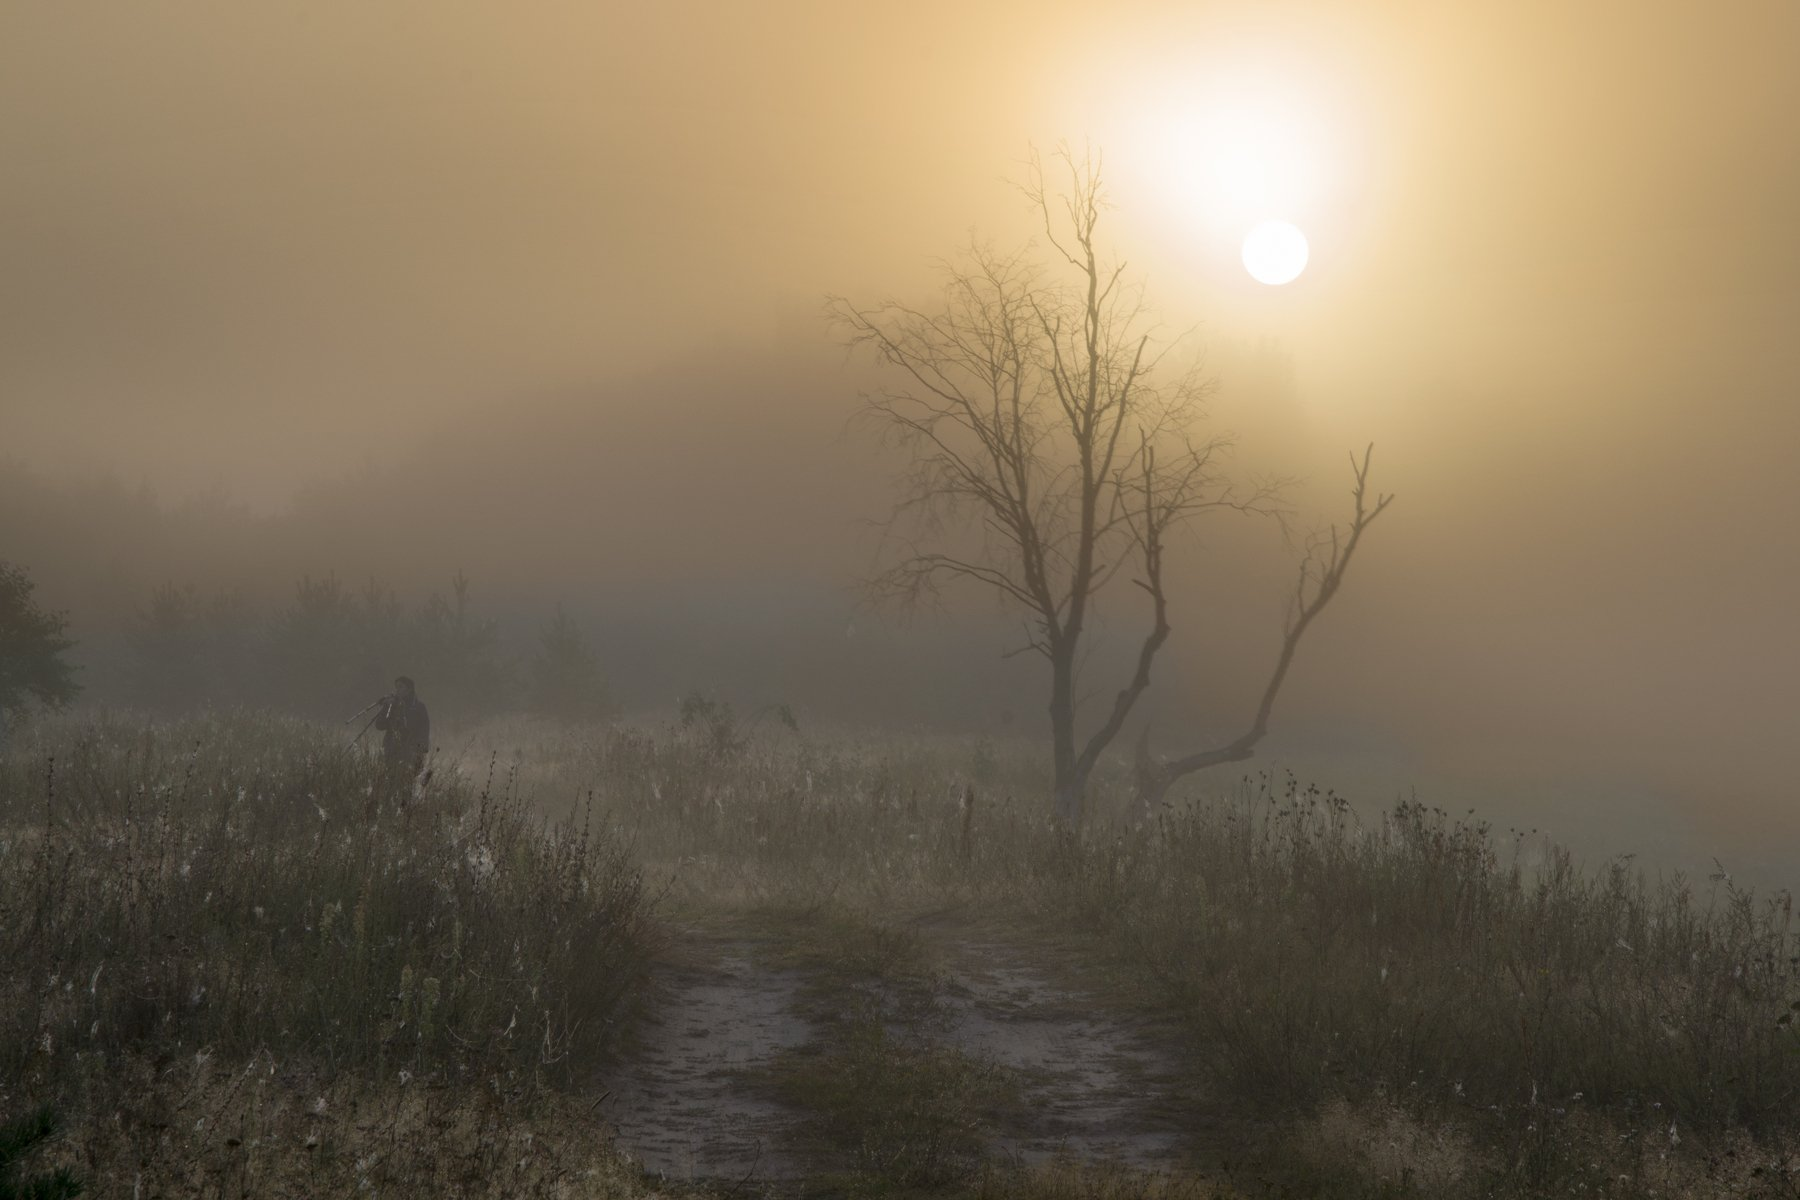 landscape, nature, river, russia, summer, sunset, лето, пейзаж, природа, рассвет, река, россия, смоленская область, солнце, туман, угра, Денис Щербак